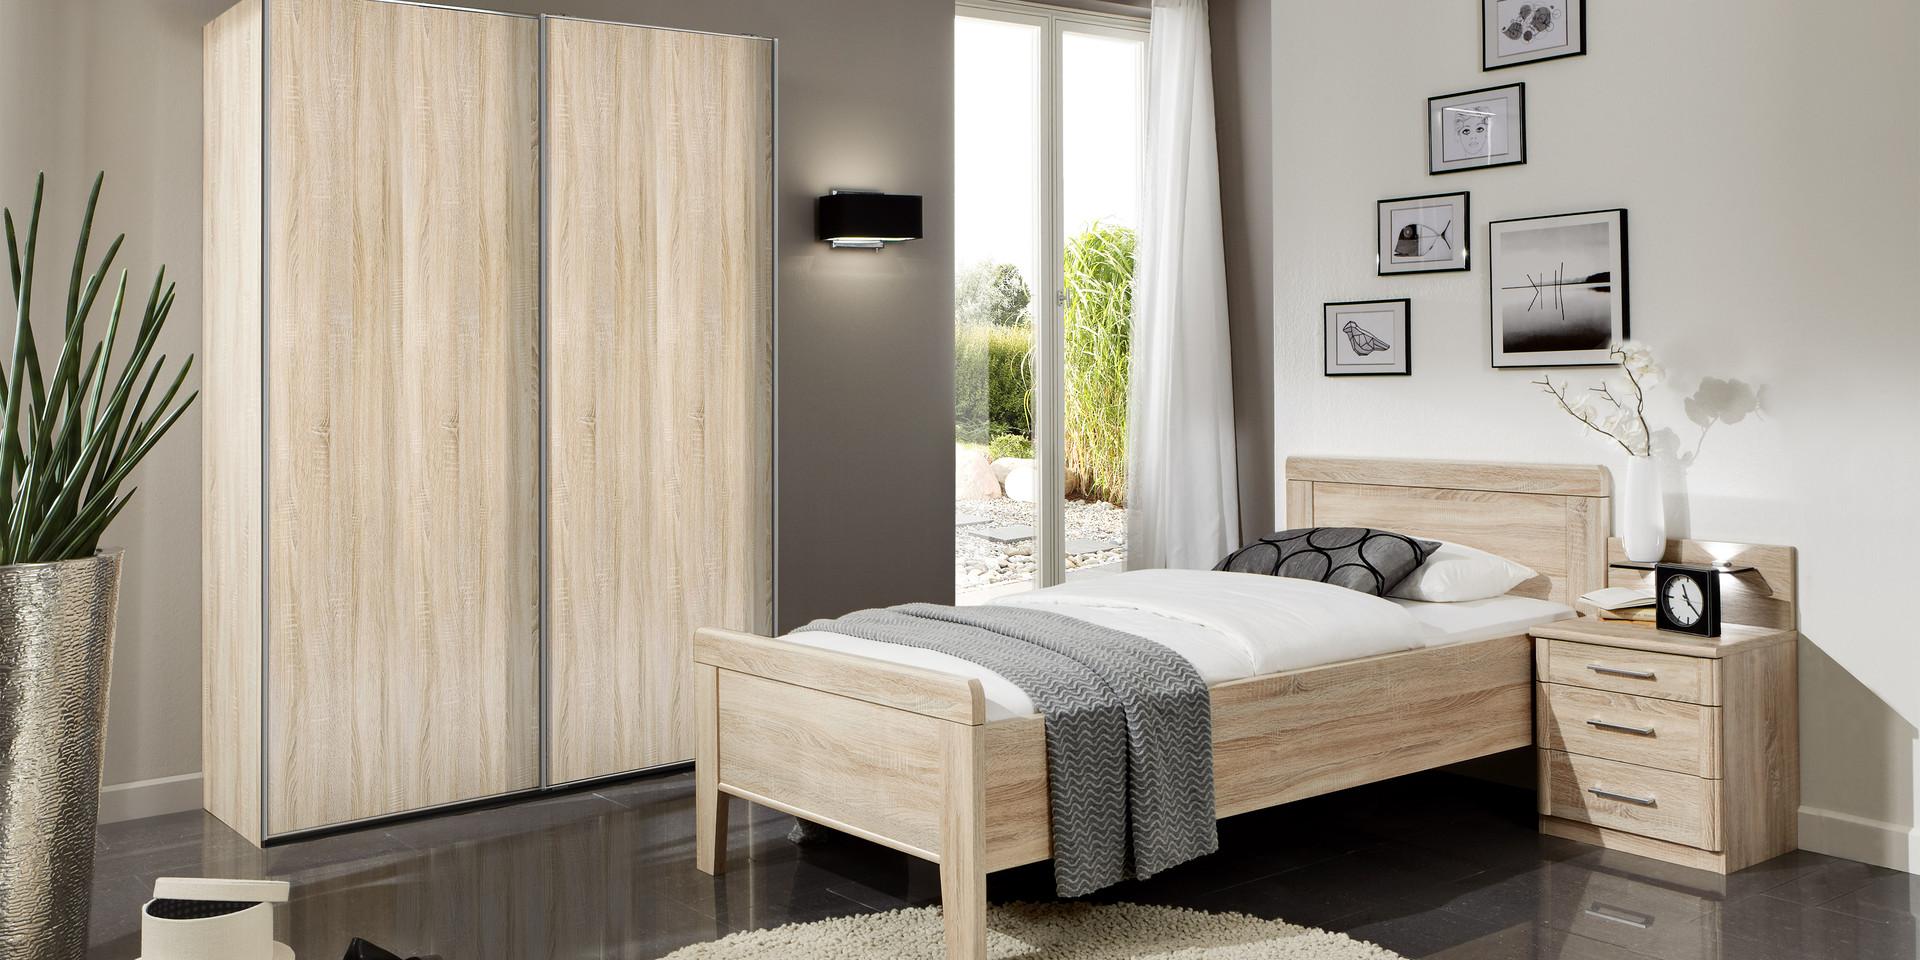 Erleben Sie Das Schlafzimmer Meran | Möbelhersteller Wiemann